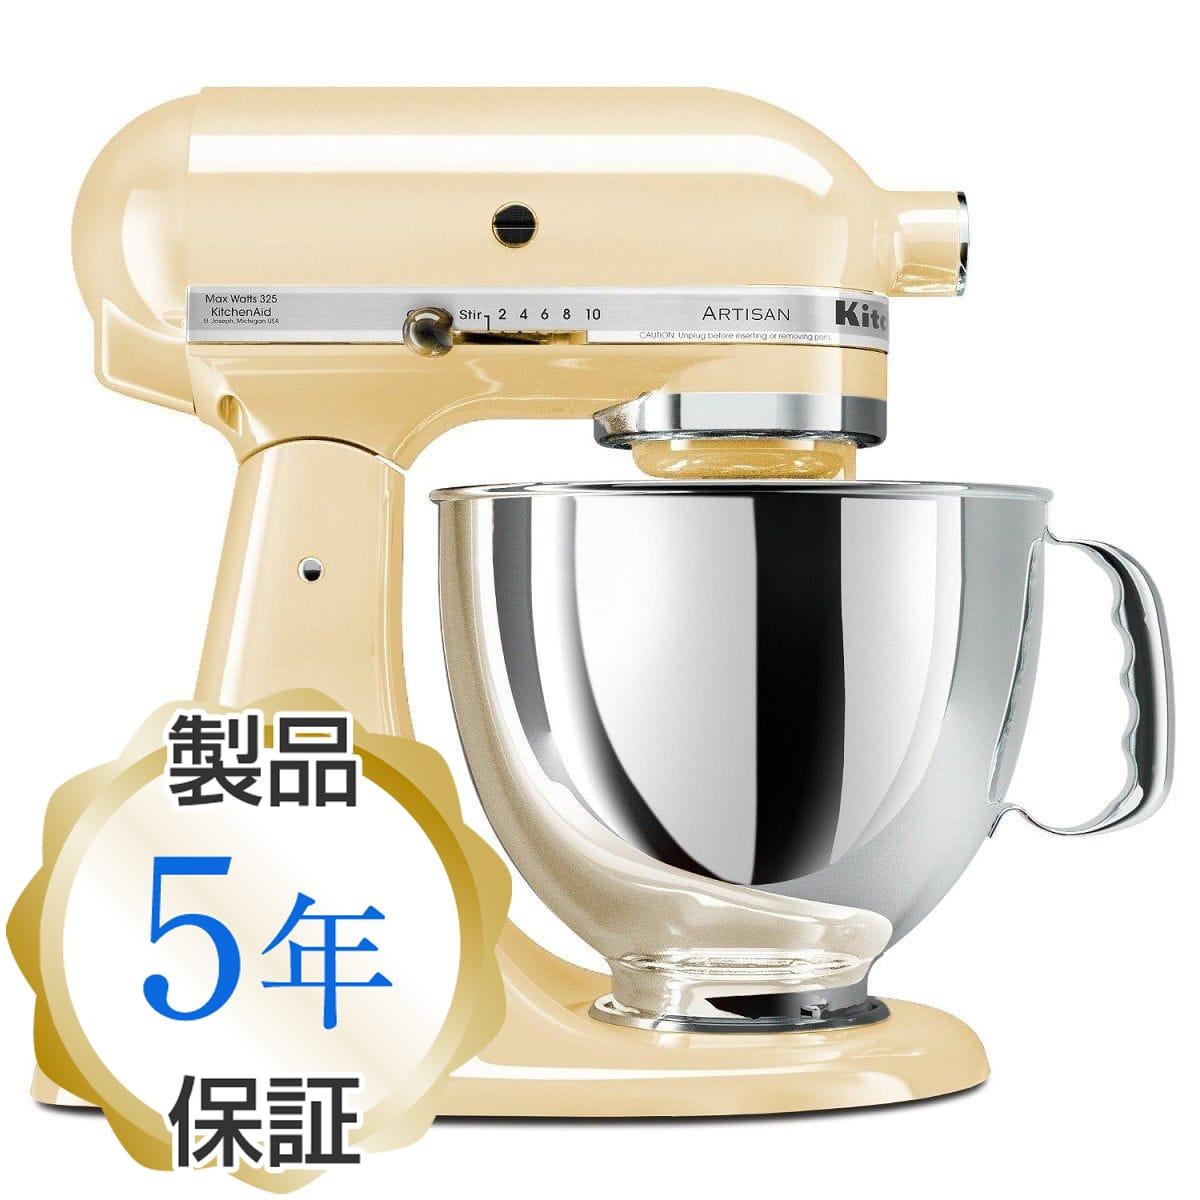 キッチンエイド スタンドミキサー アルチザン 4.8L アーモンドクリーム KitchenAid Artisan 5-Quart Stand Mixers KSM150PSAC Almond Cream【日本語説明書付】